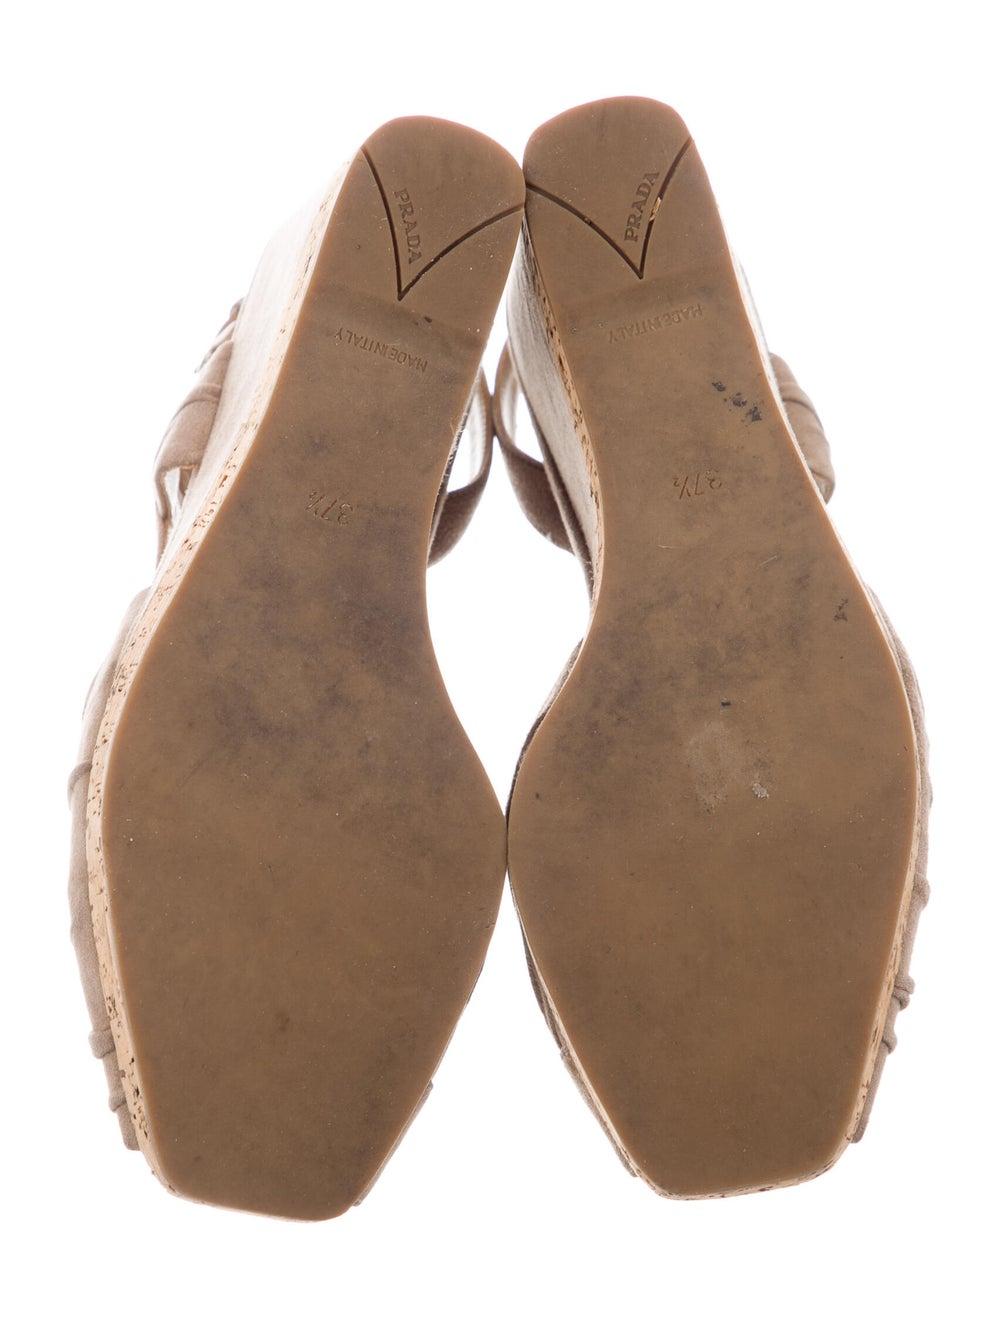 Prada Suede Slingback Sandals - image 5